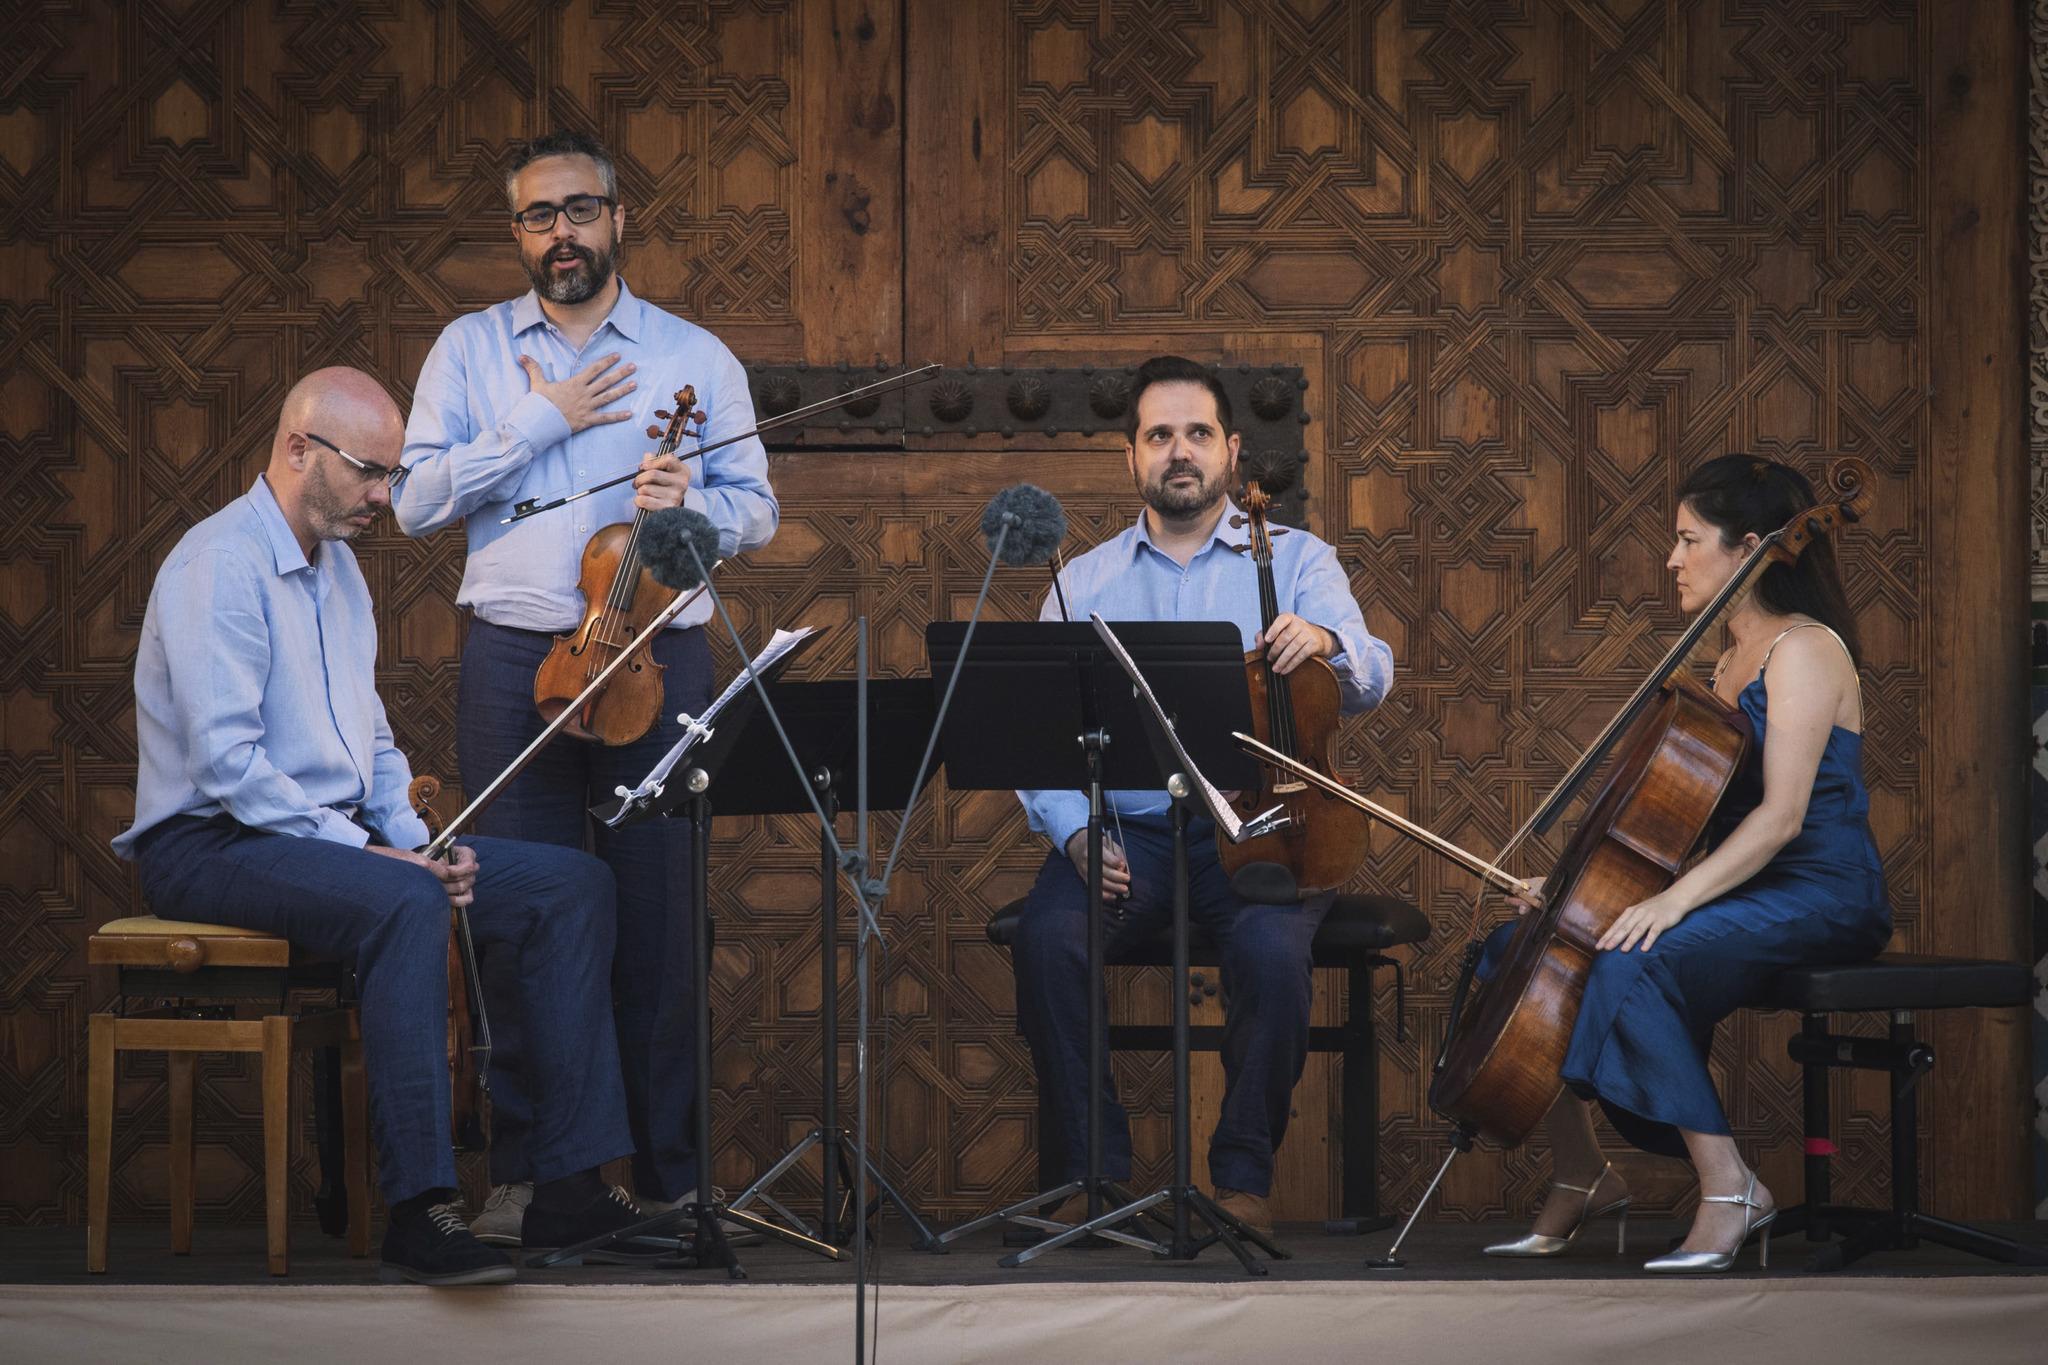 Crítica: el Cuarteto Quiroga en el 69º Festival Internacional de Música y Danza de Granada